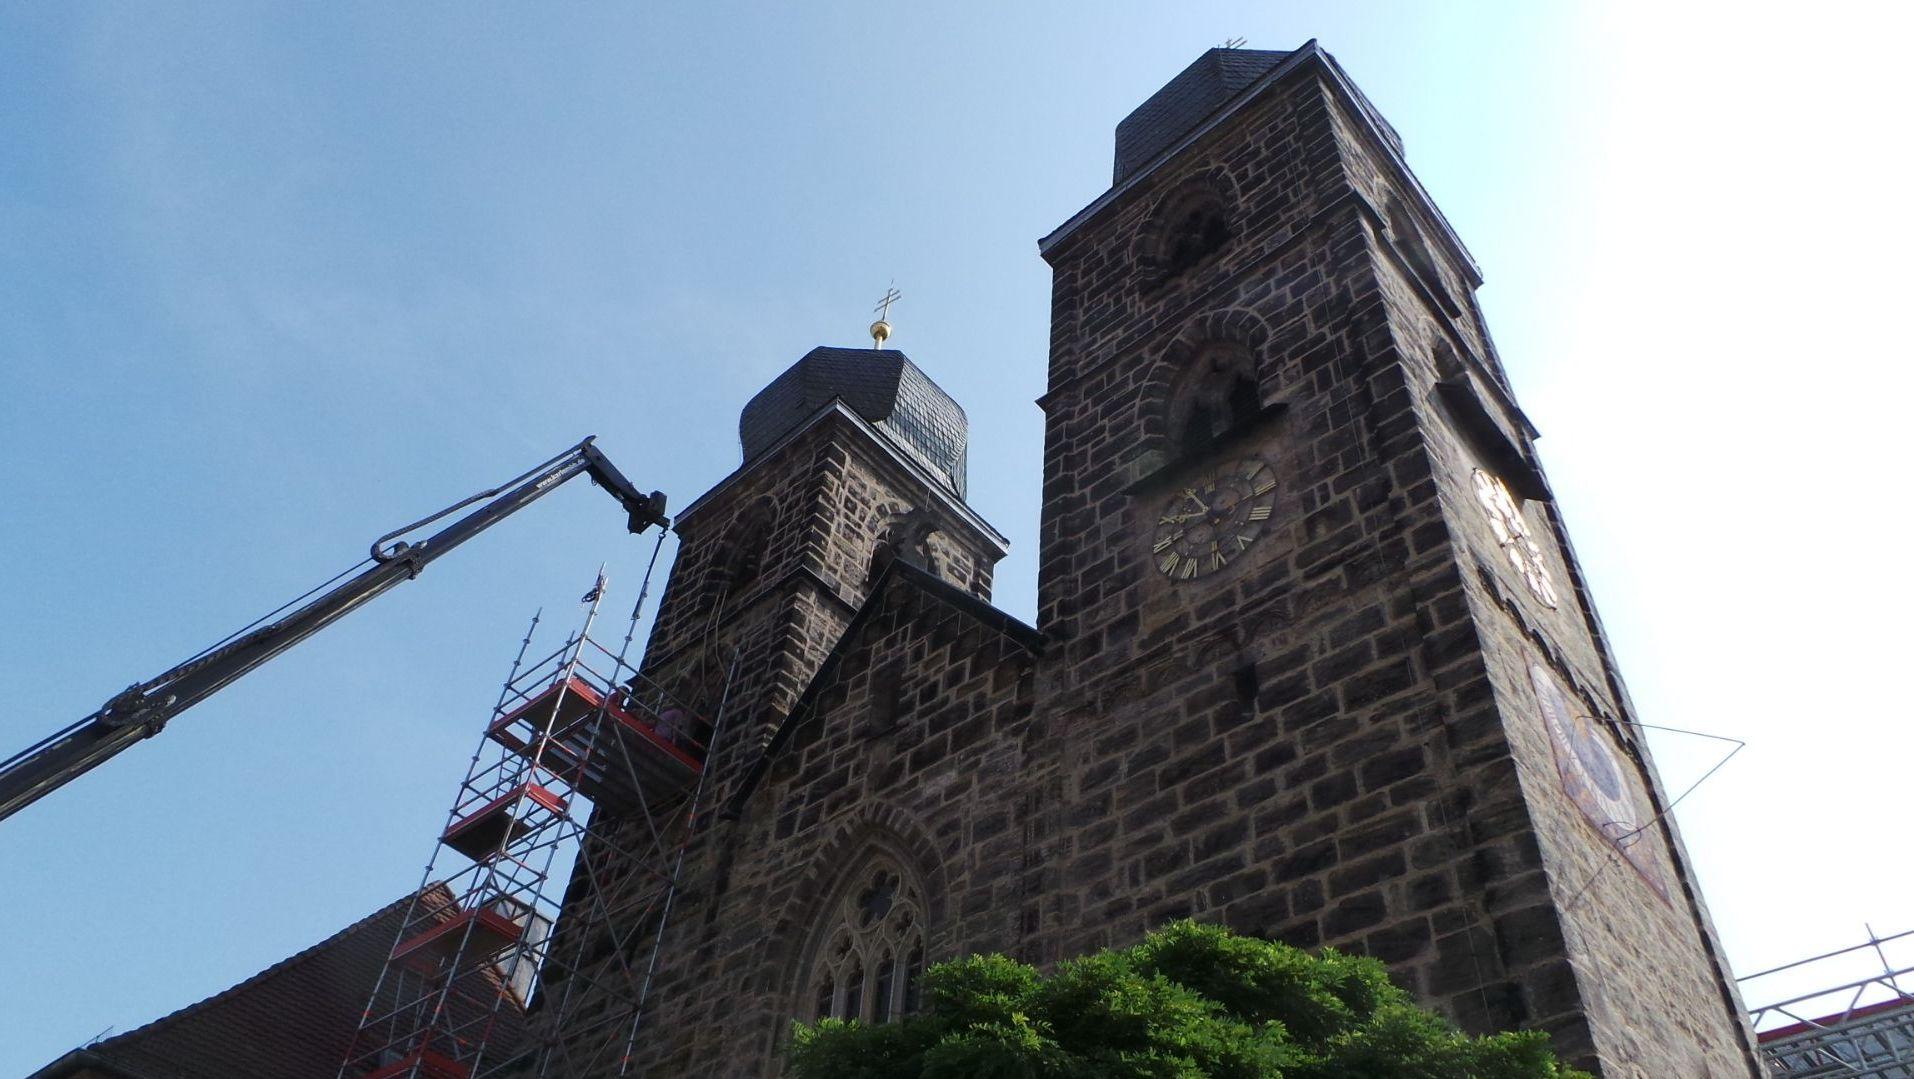 Die Kirche Sankt Gangolf von unten, an der Seite steht ein Kran.